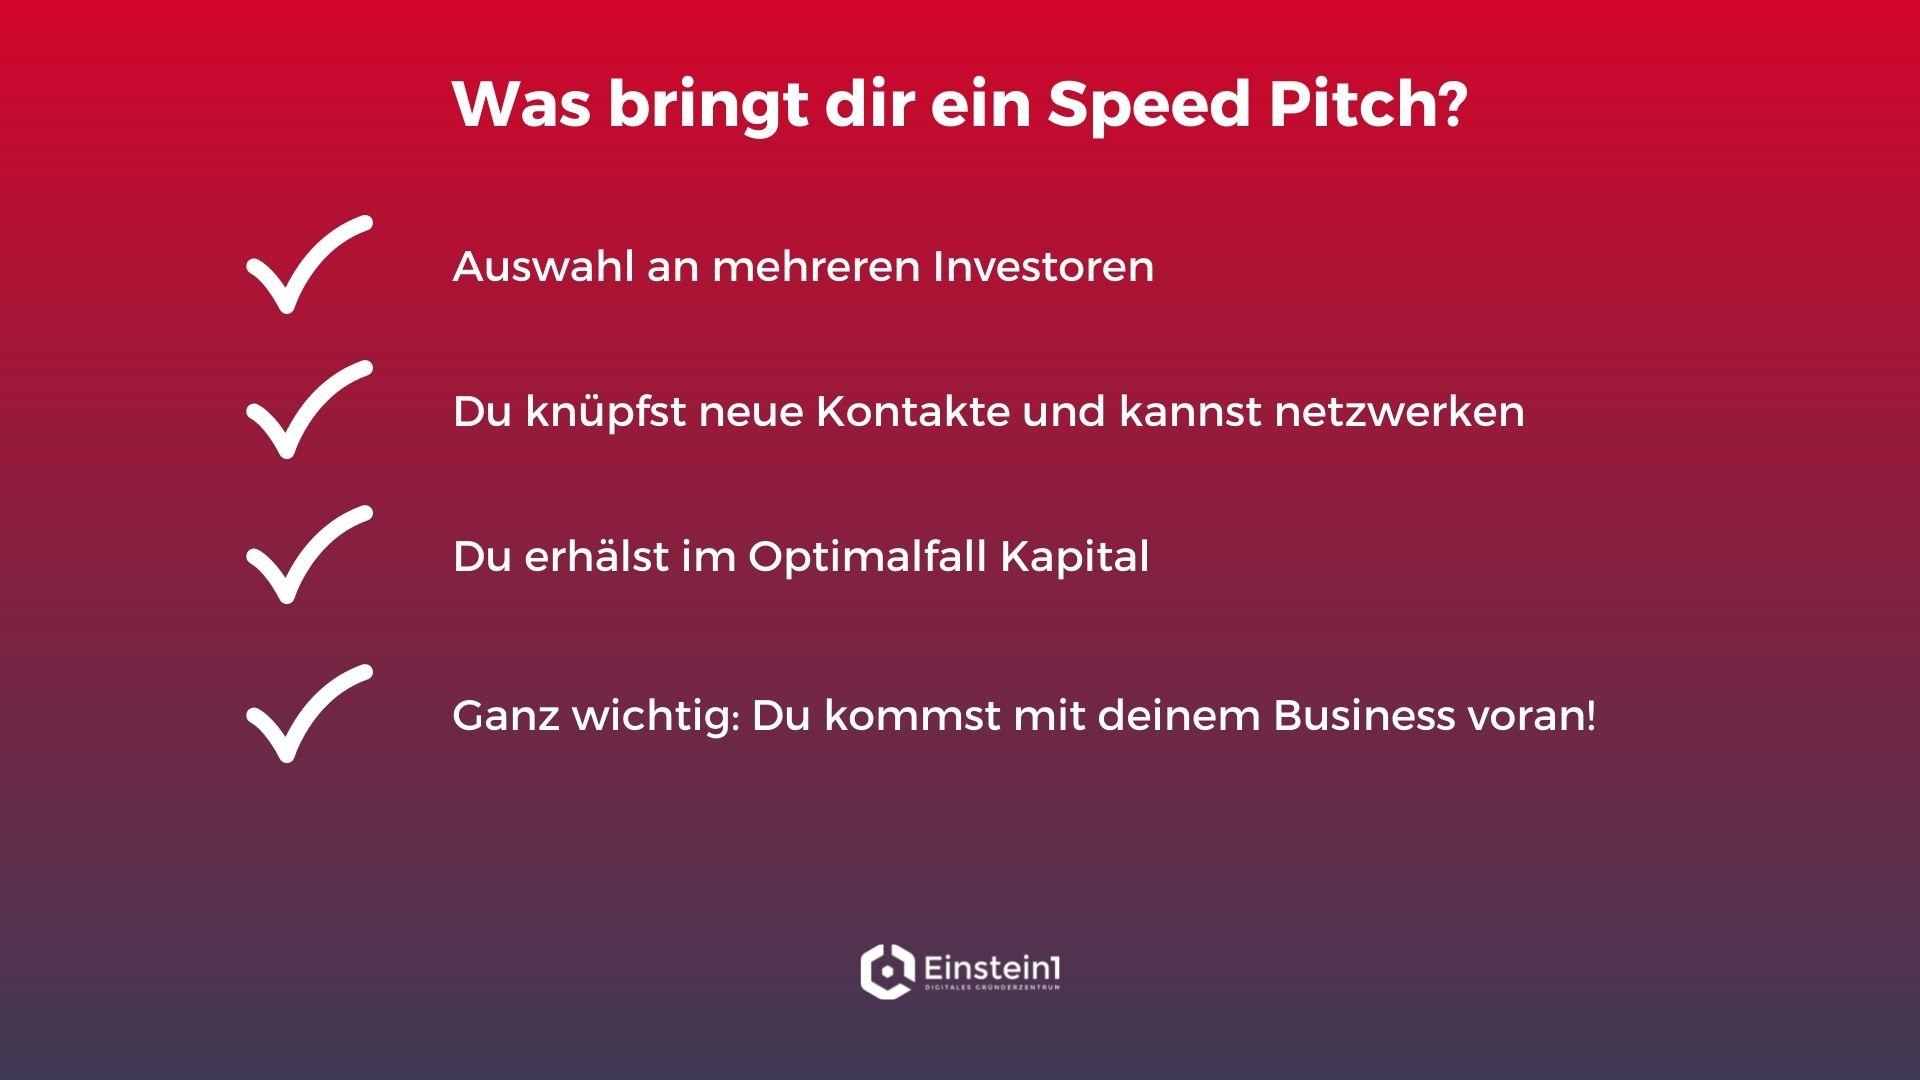 speed-pitch-was-bringt-ein-speed-pitch-einstein1